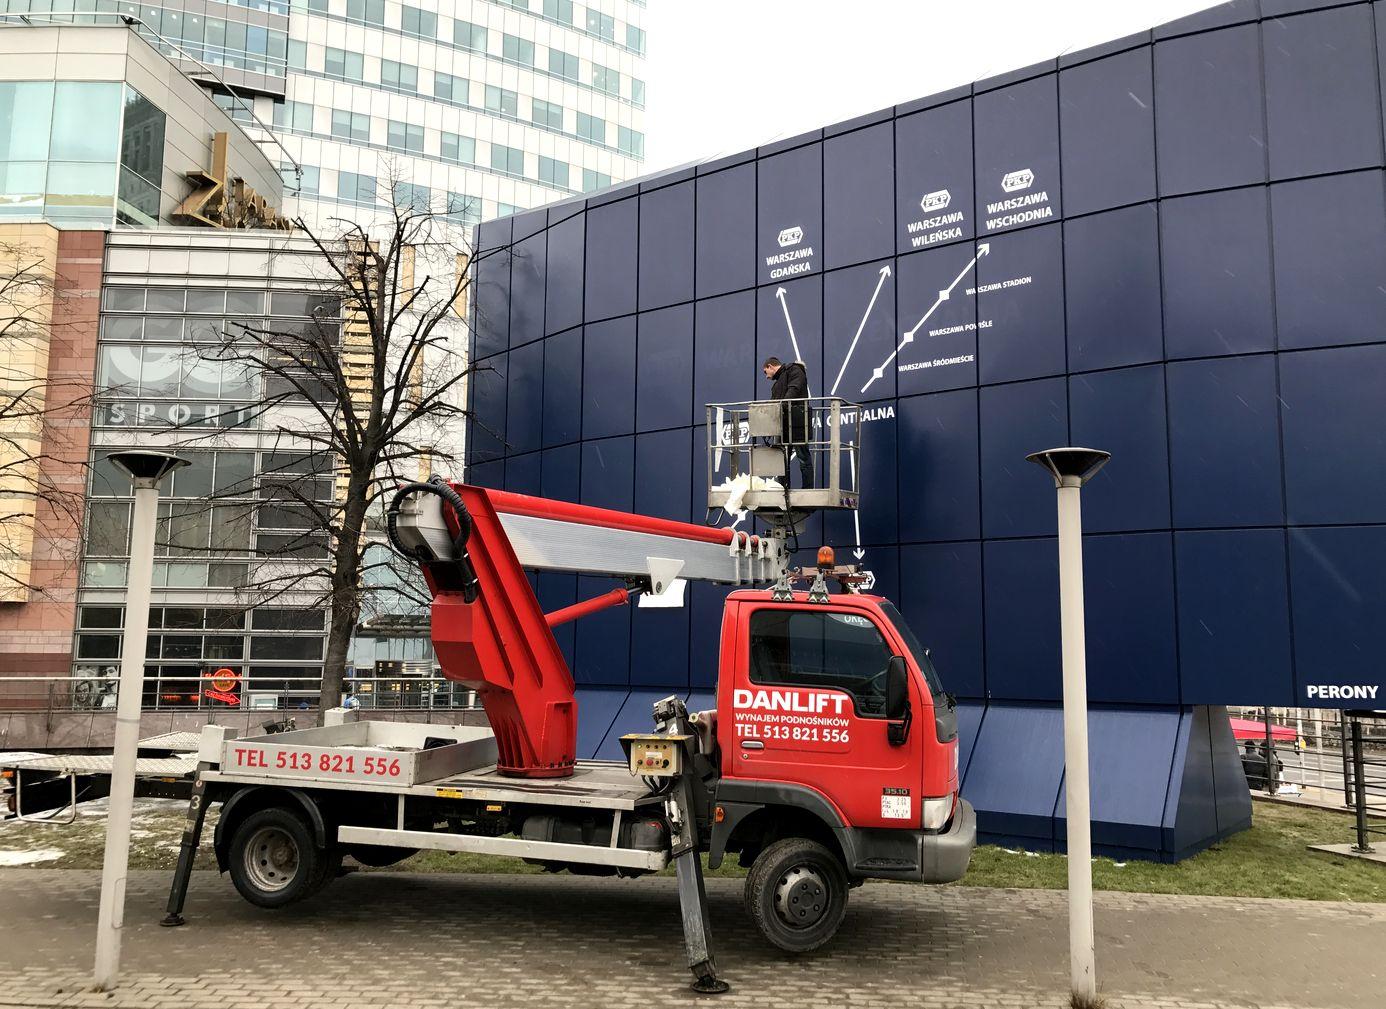 Podnośniki koszowe - Montaż reklamy przy Warszawie Centralnej z użyciem podnośnika firmy Danlift